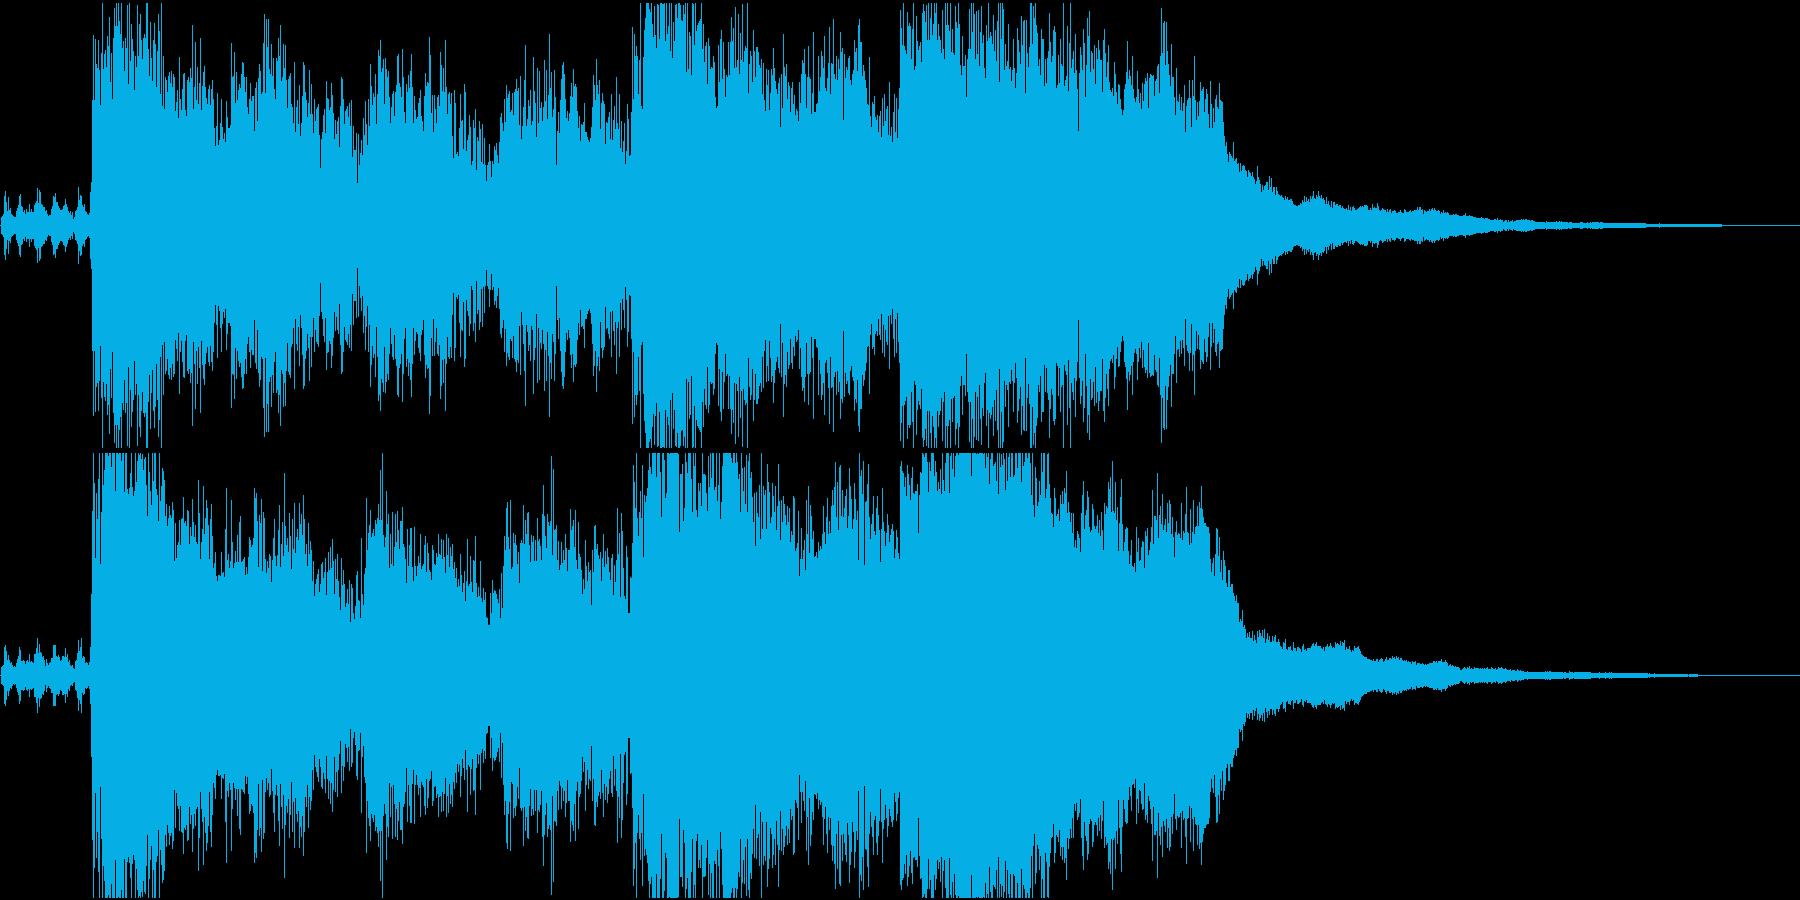 ステージクリア・ファンファーレ・壮大派手の再生済みの波形